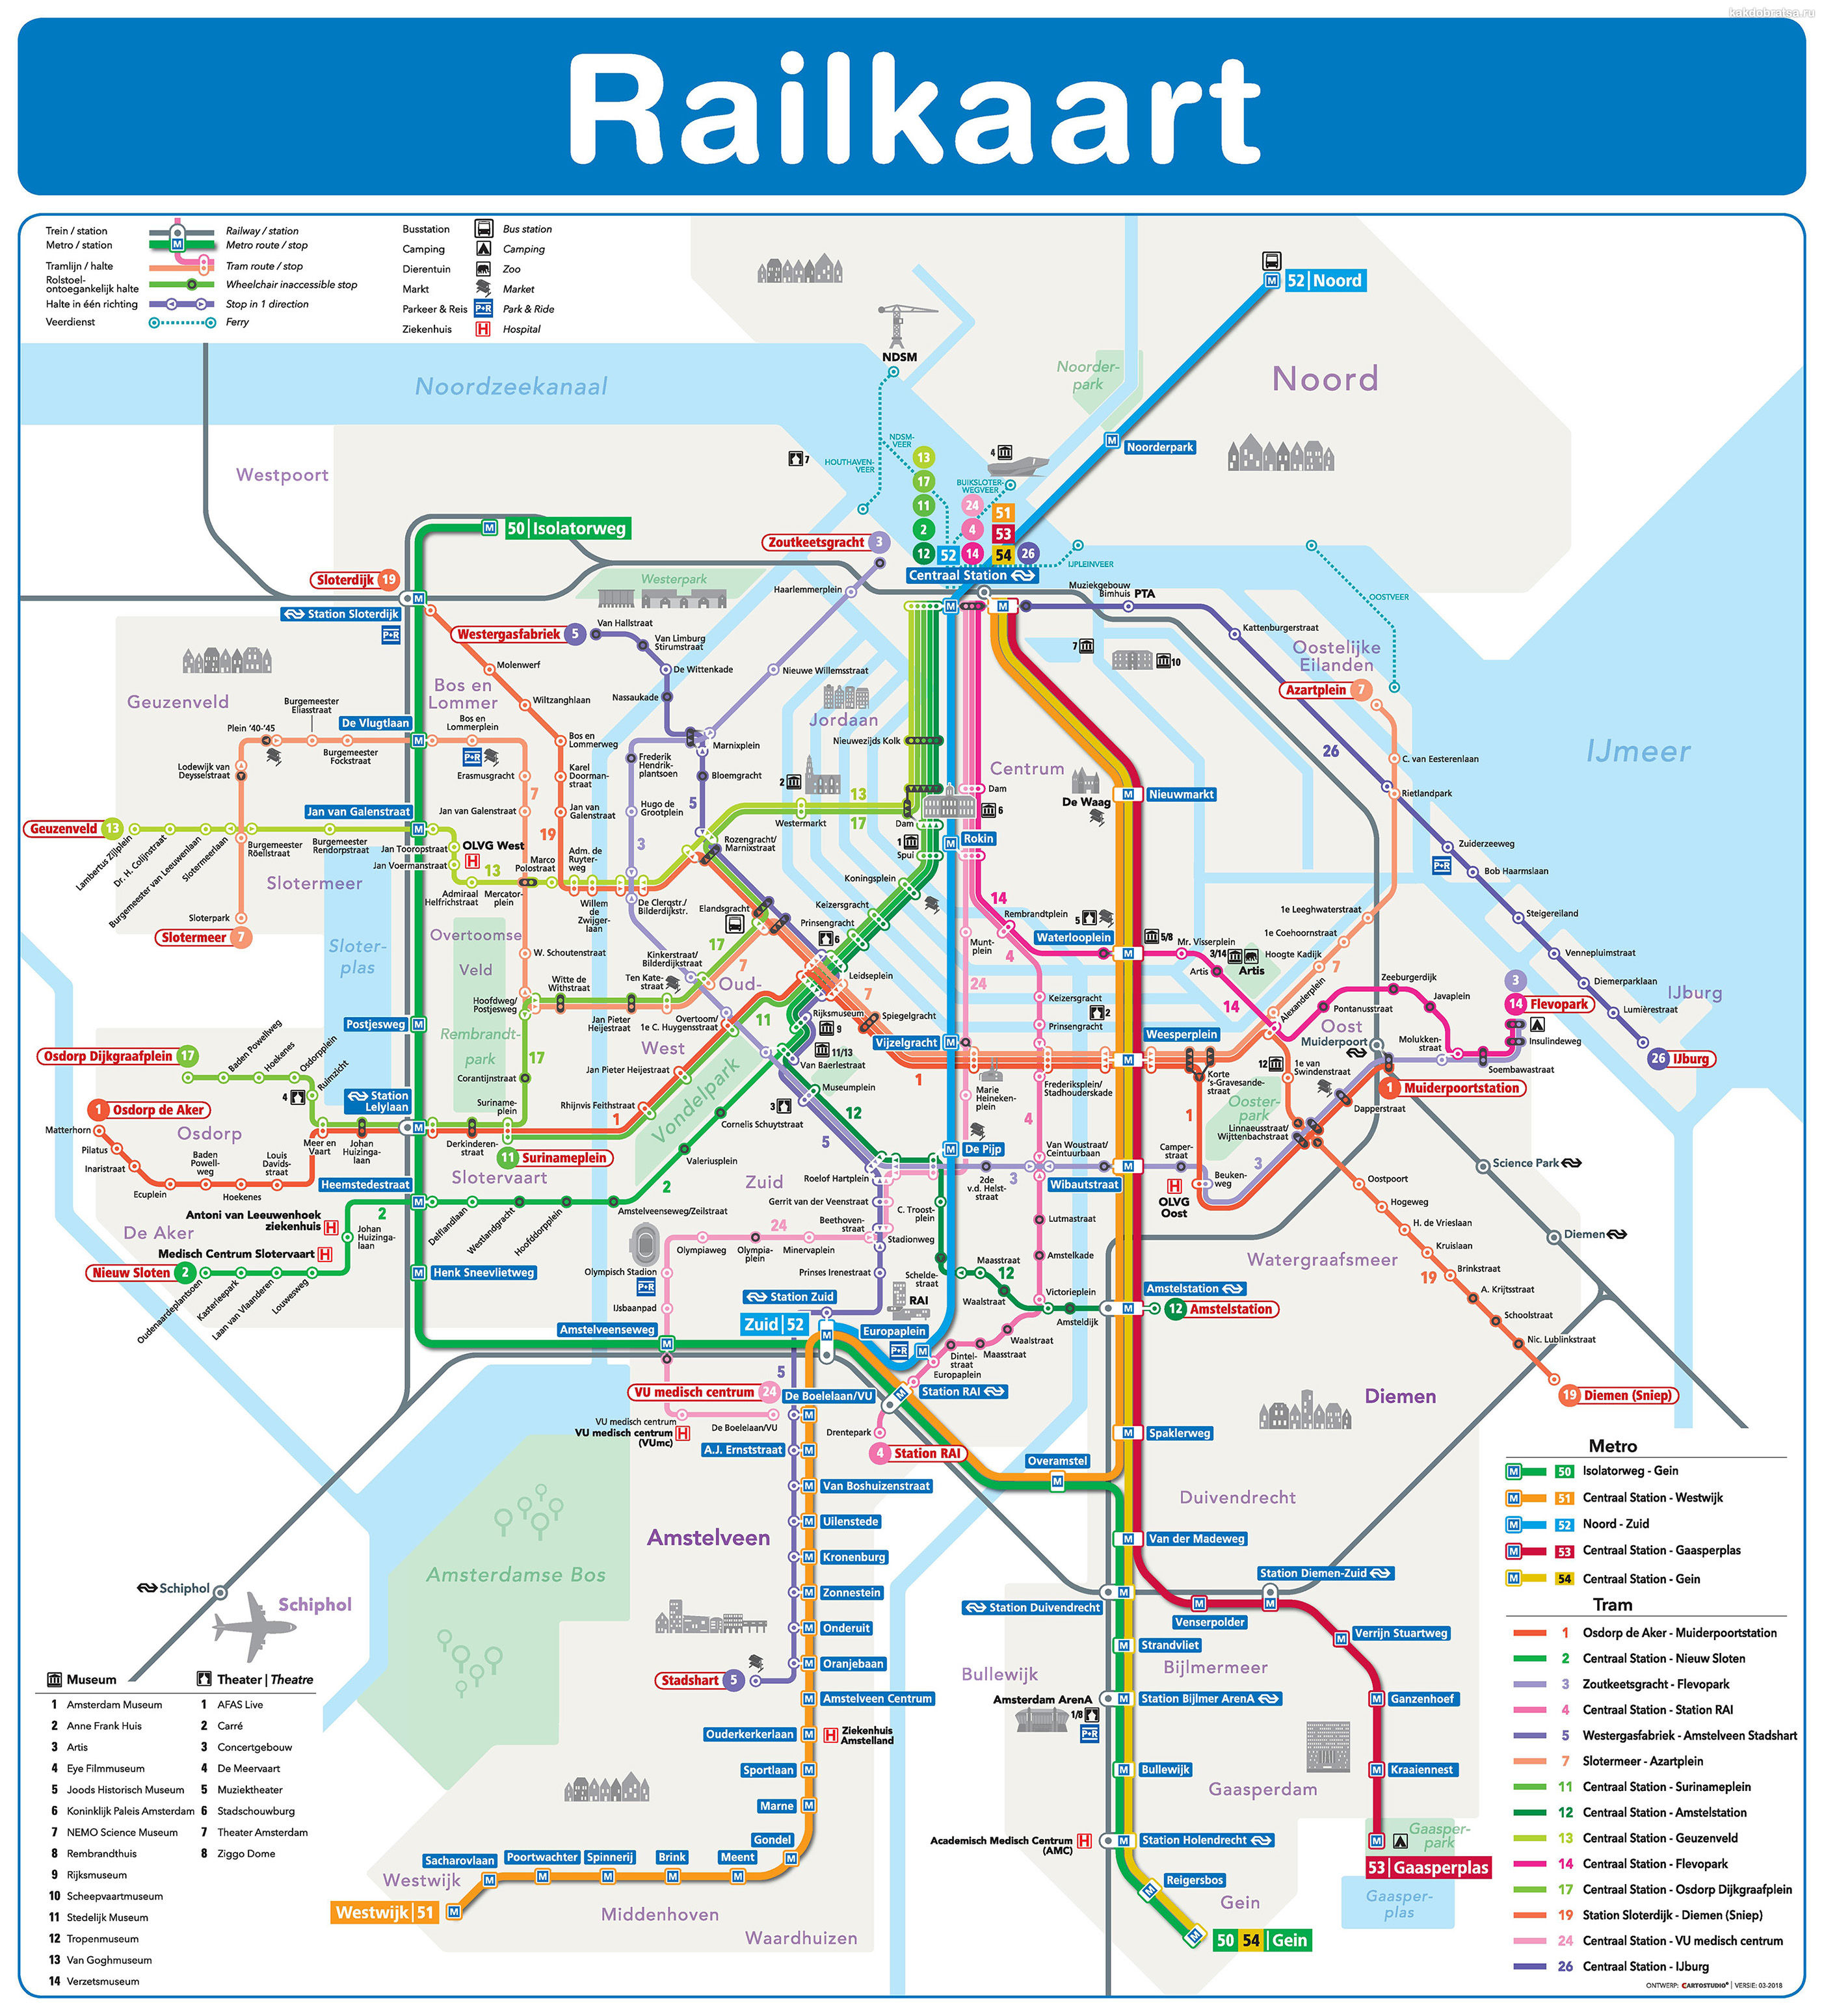 Карта метро и трамваев Амстердама